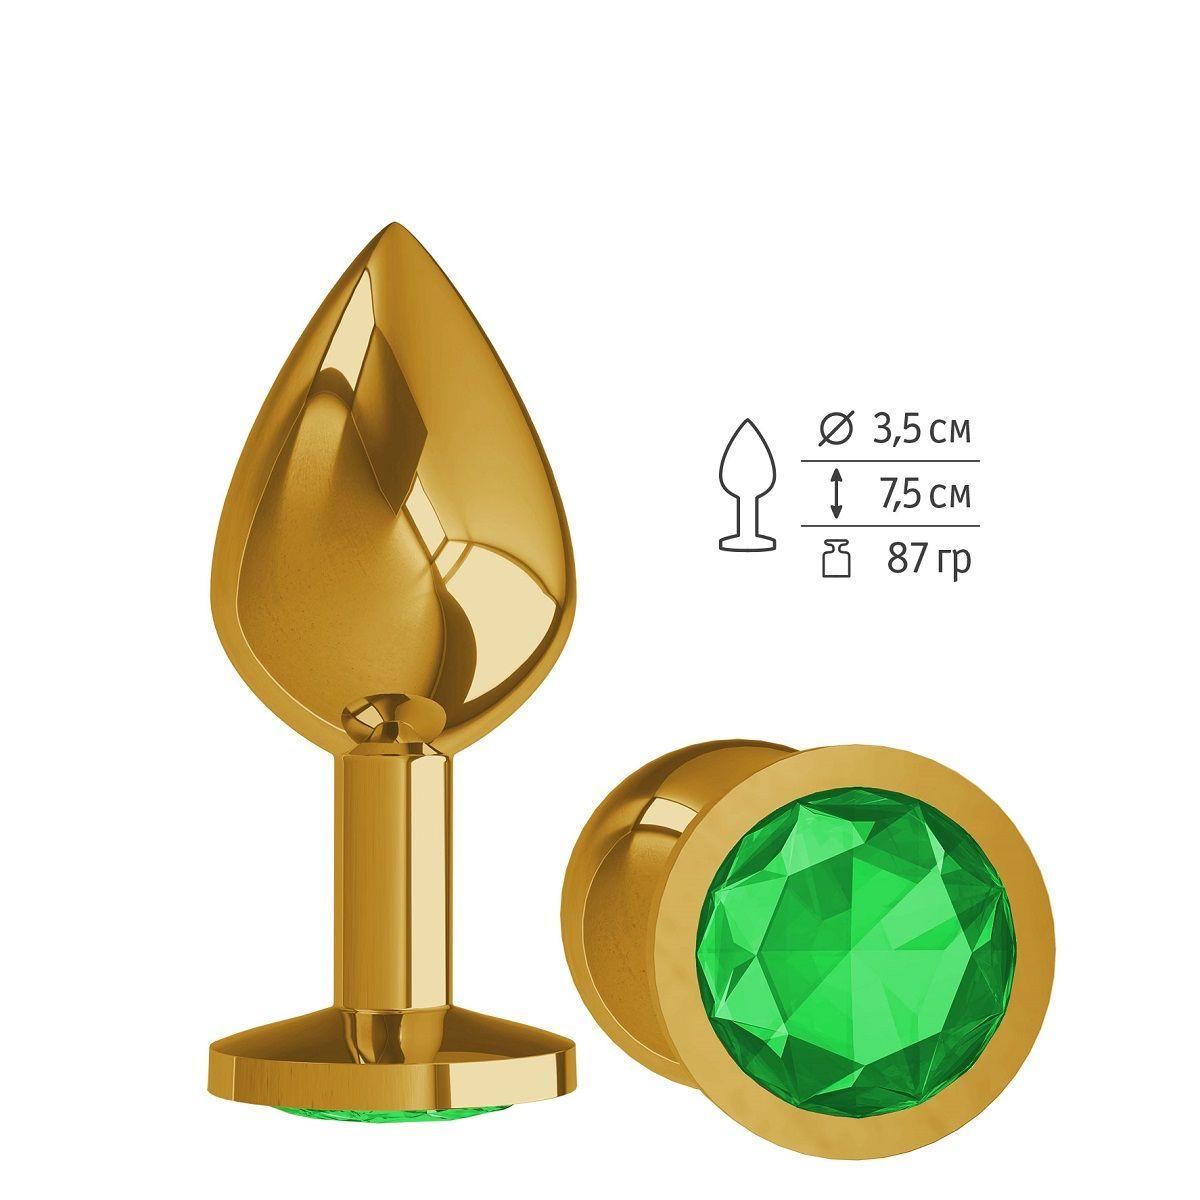 Золотистая средняя пробка с зеленым кристаллом - 8,5 см.